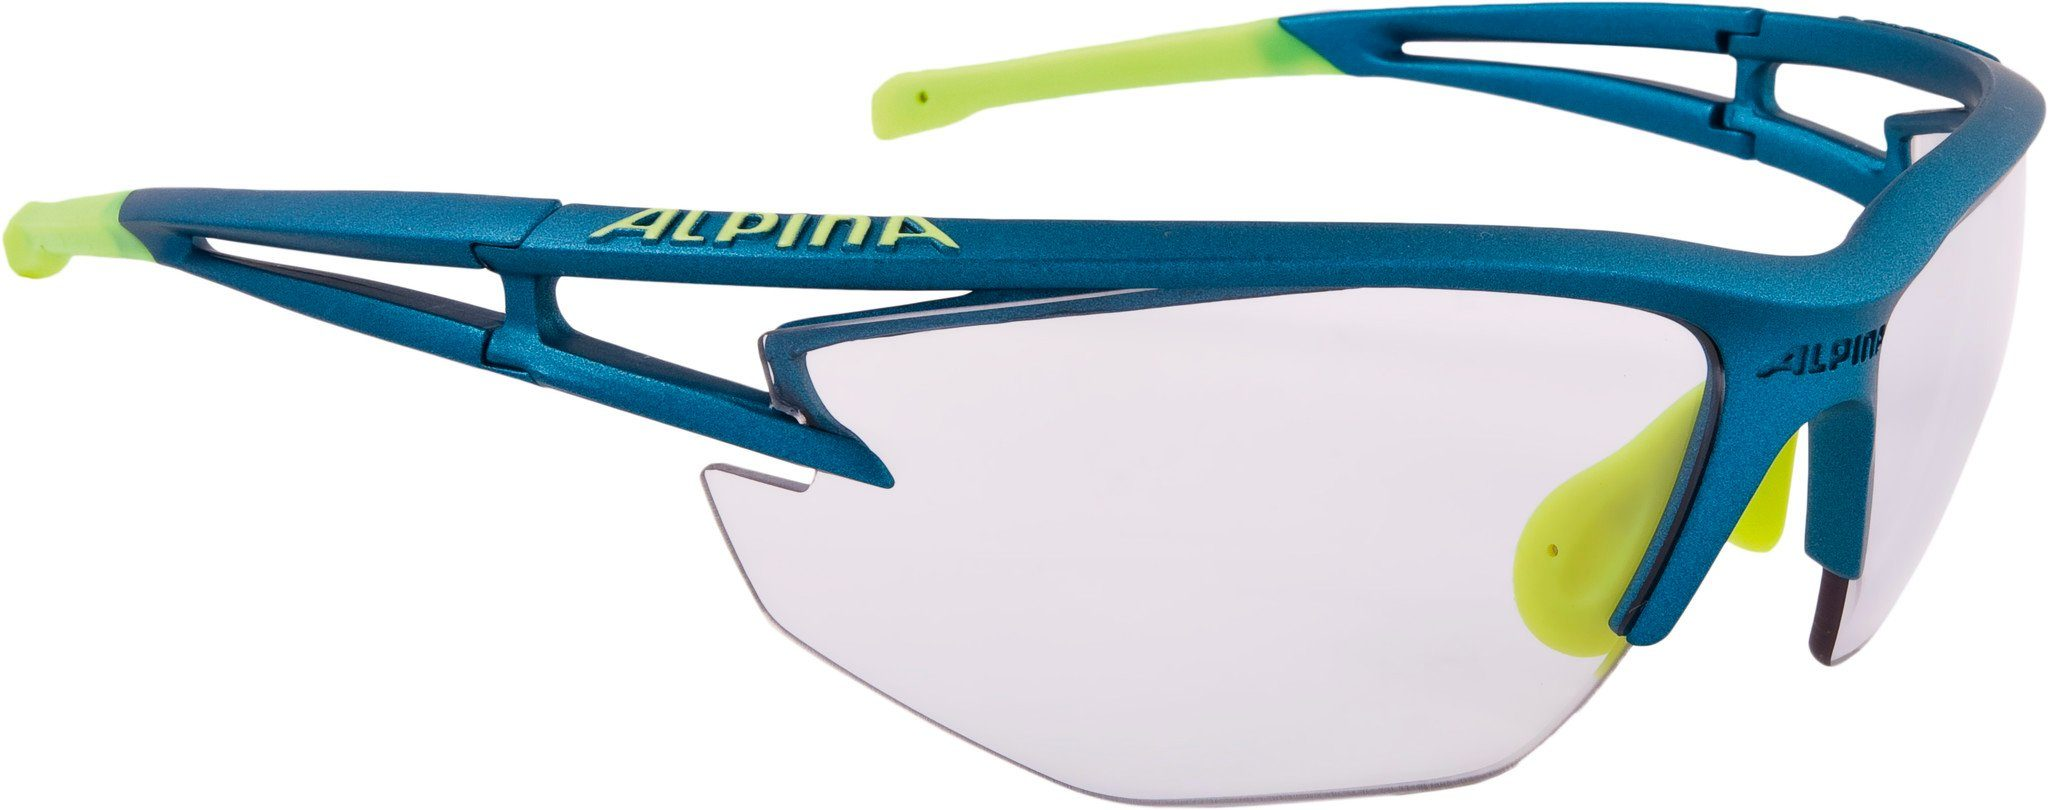 Alpina Sportbrille »Eye-5 HR VL+ Glasses«, blau, blau